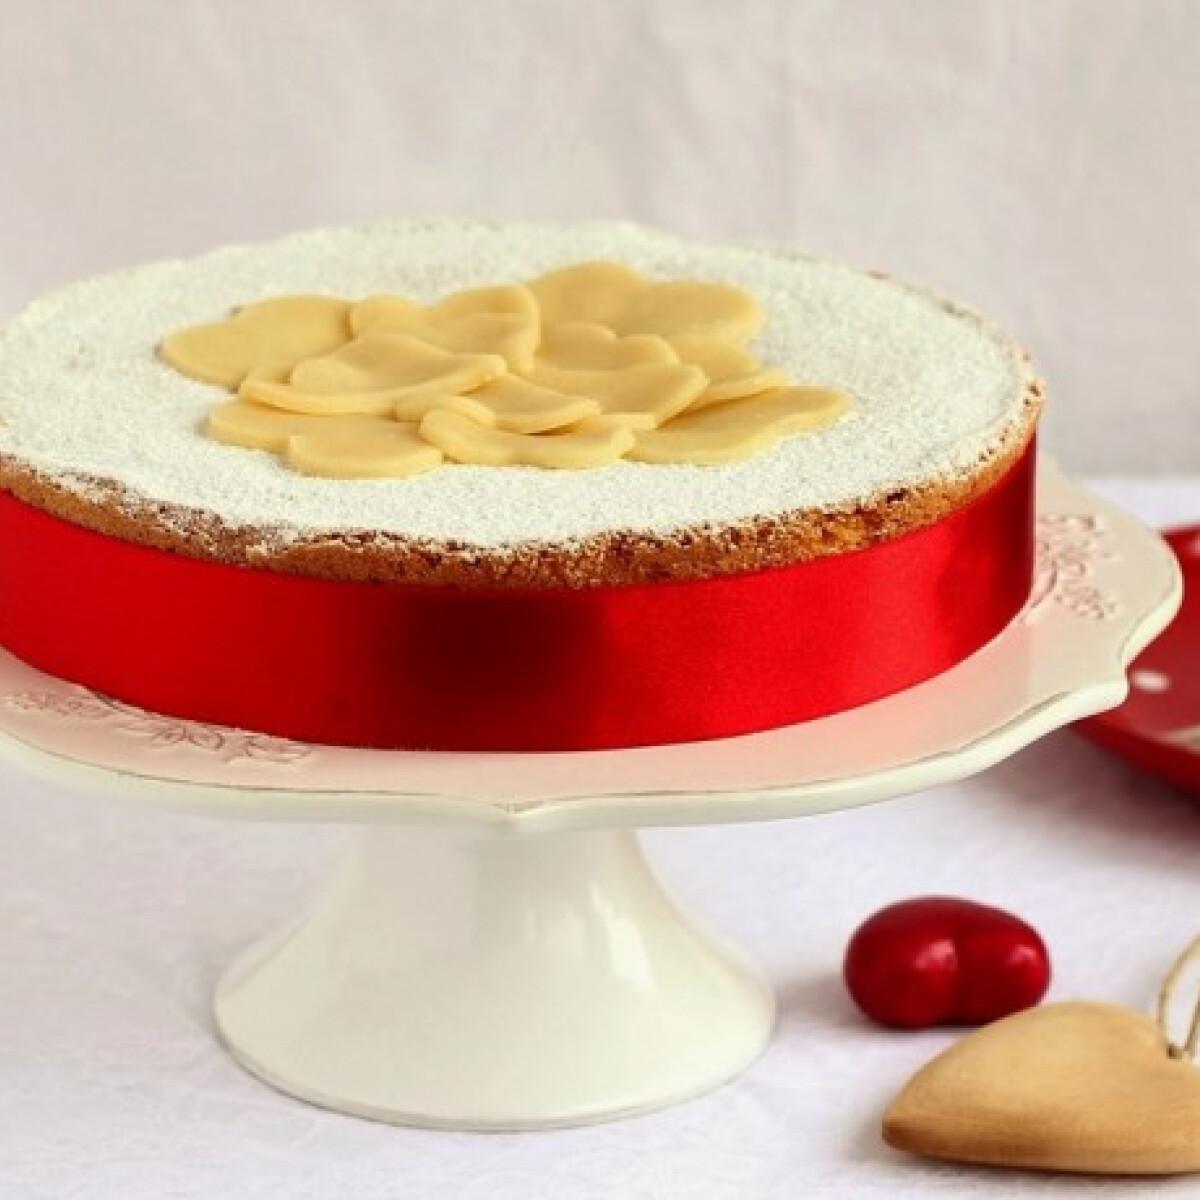 Ezen a képen: Torta paradiso